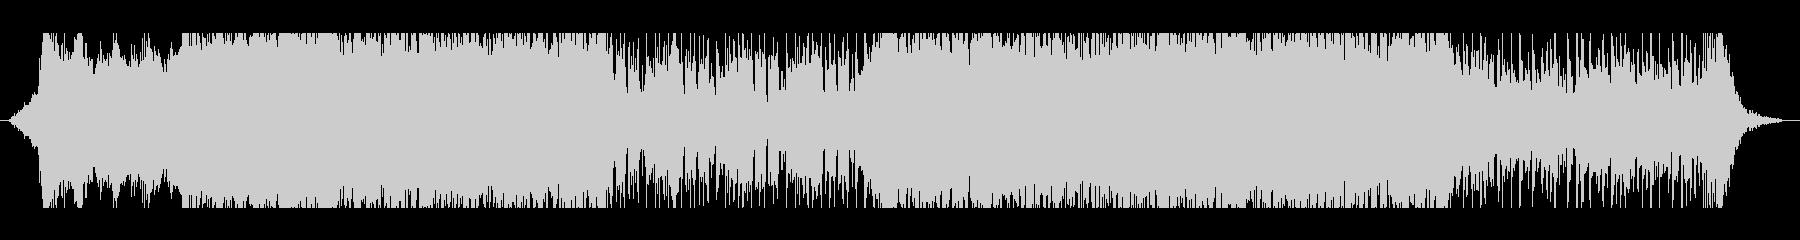 疾走感あるメタル・ロック系BGM_2の未再生の波形